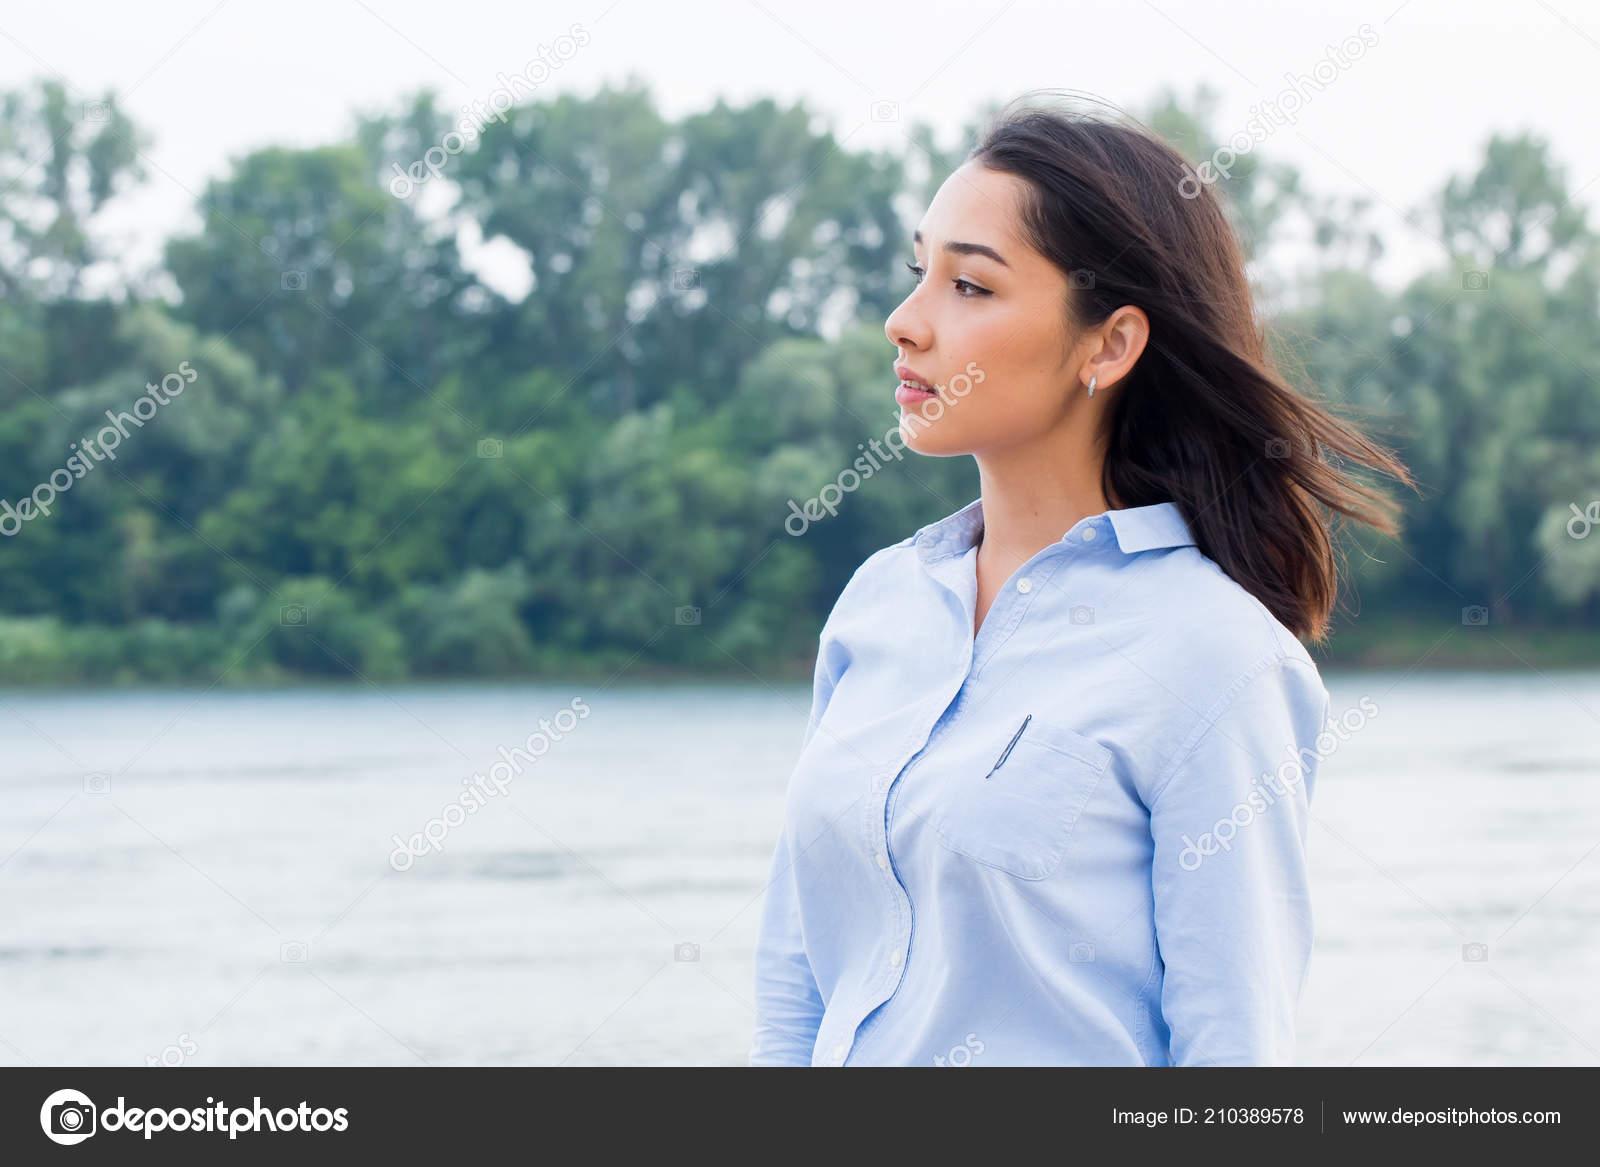 c1fcf63515 Empresaria Bella Morena Camisa Azul Mirando Lejos Fondo Naturaleza Espacio  — Foto de Stock